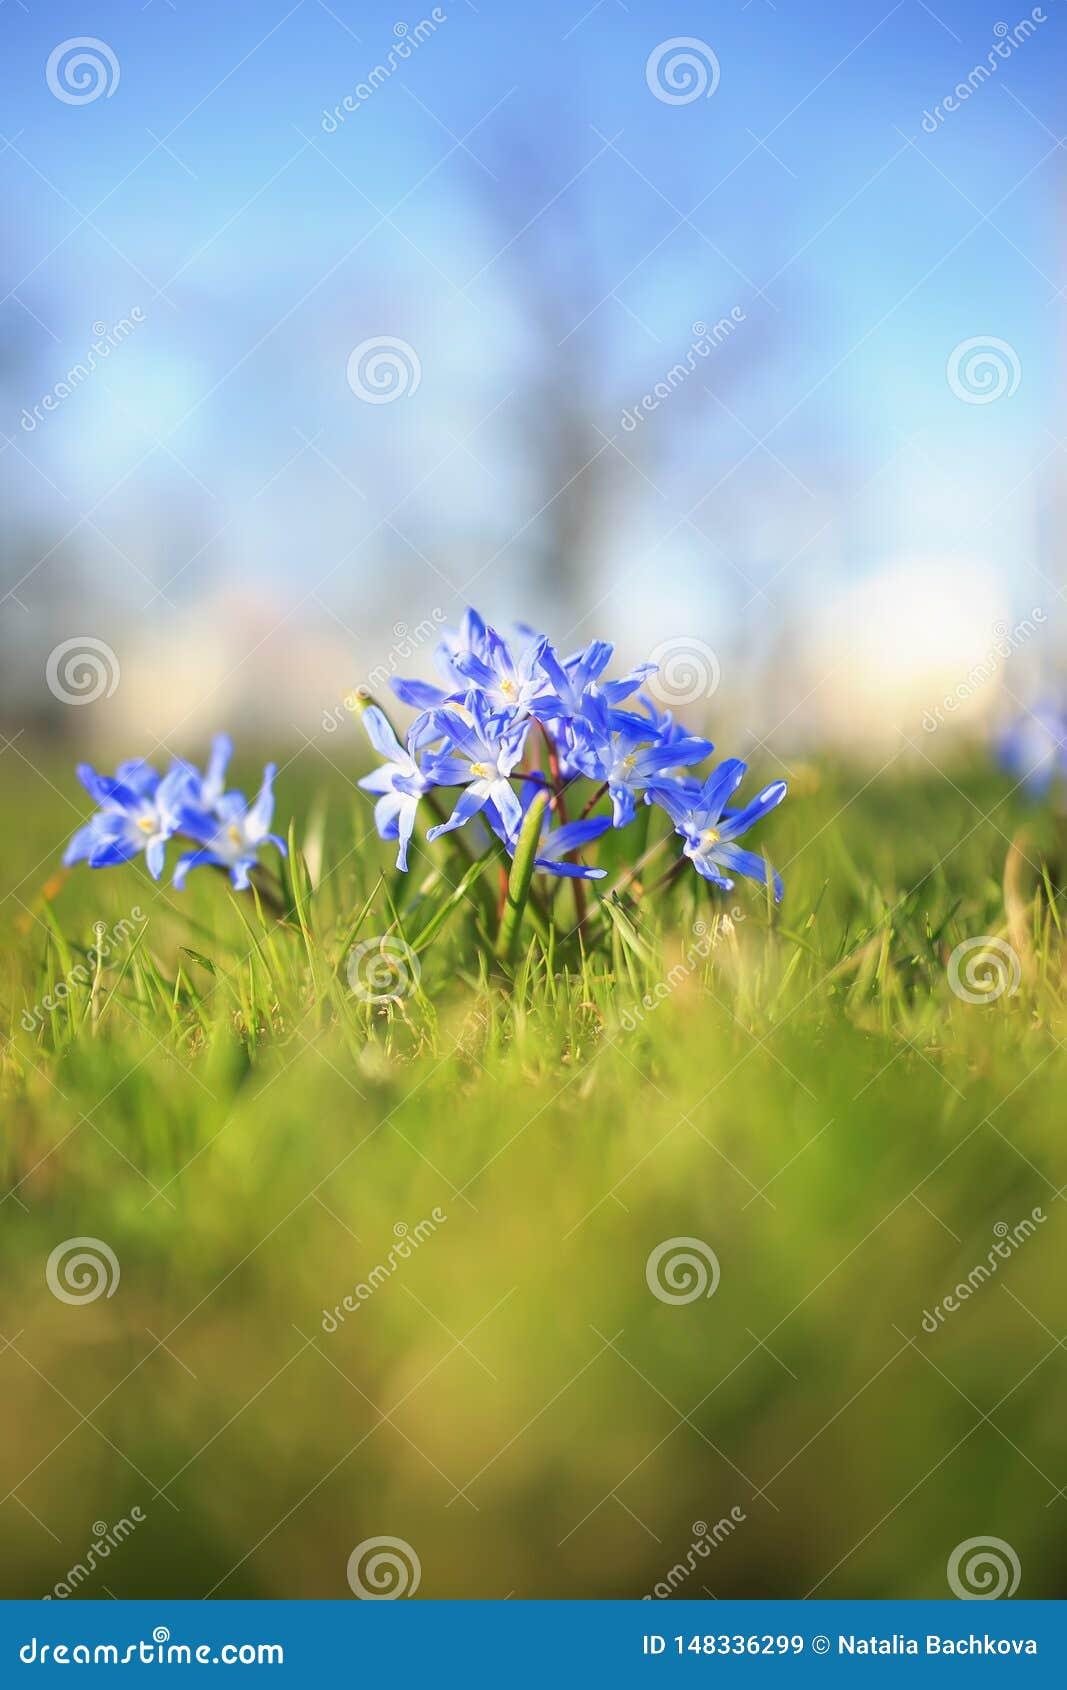 τα μπλε λεπτά λουλούδια άνθισαν κάτω από τις θερμές ακτίνες άνοιξη στο πάρκο